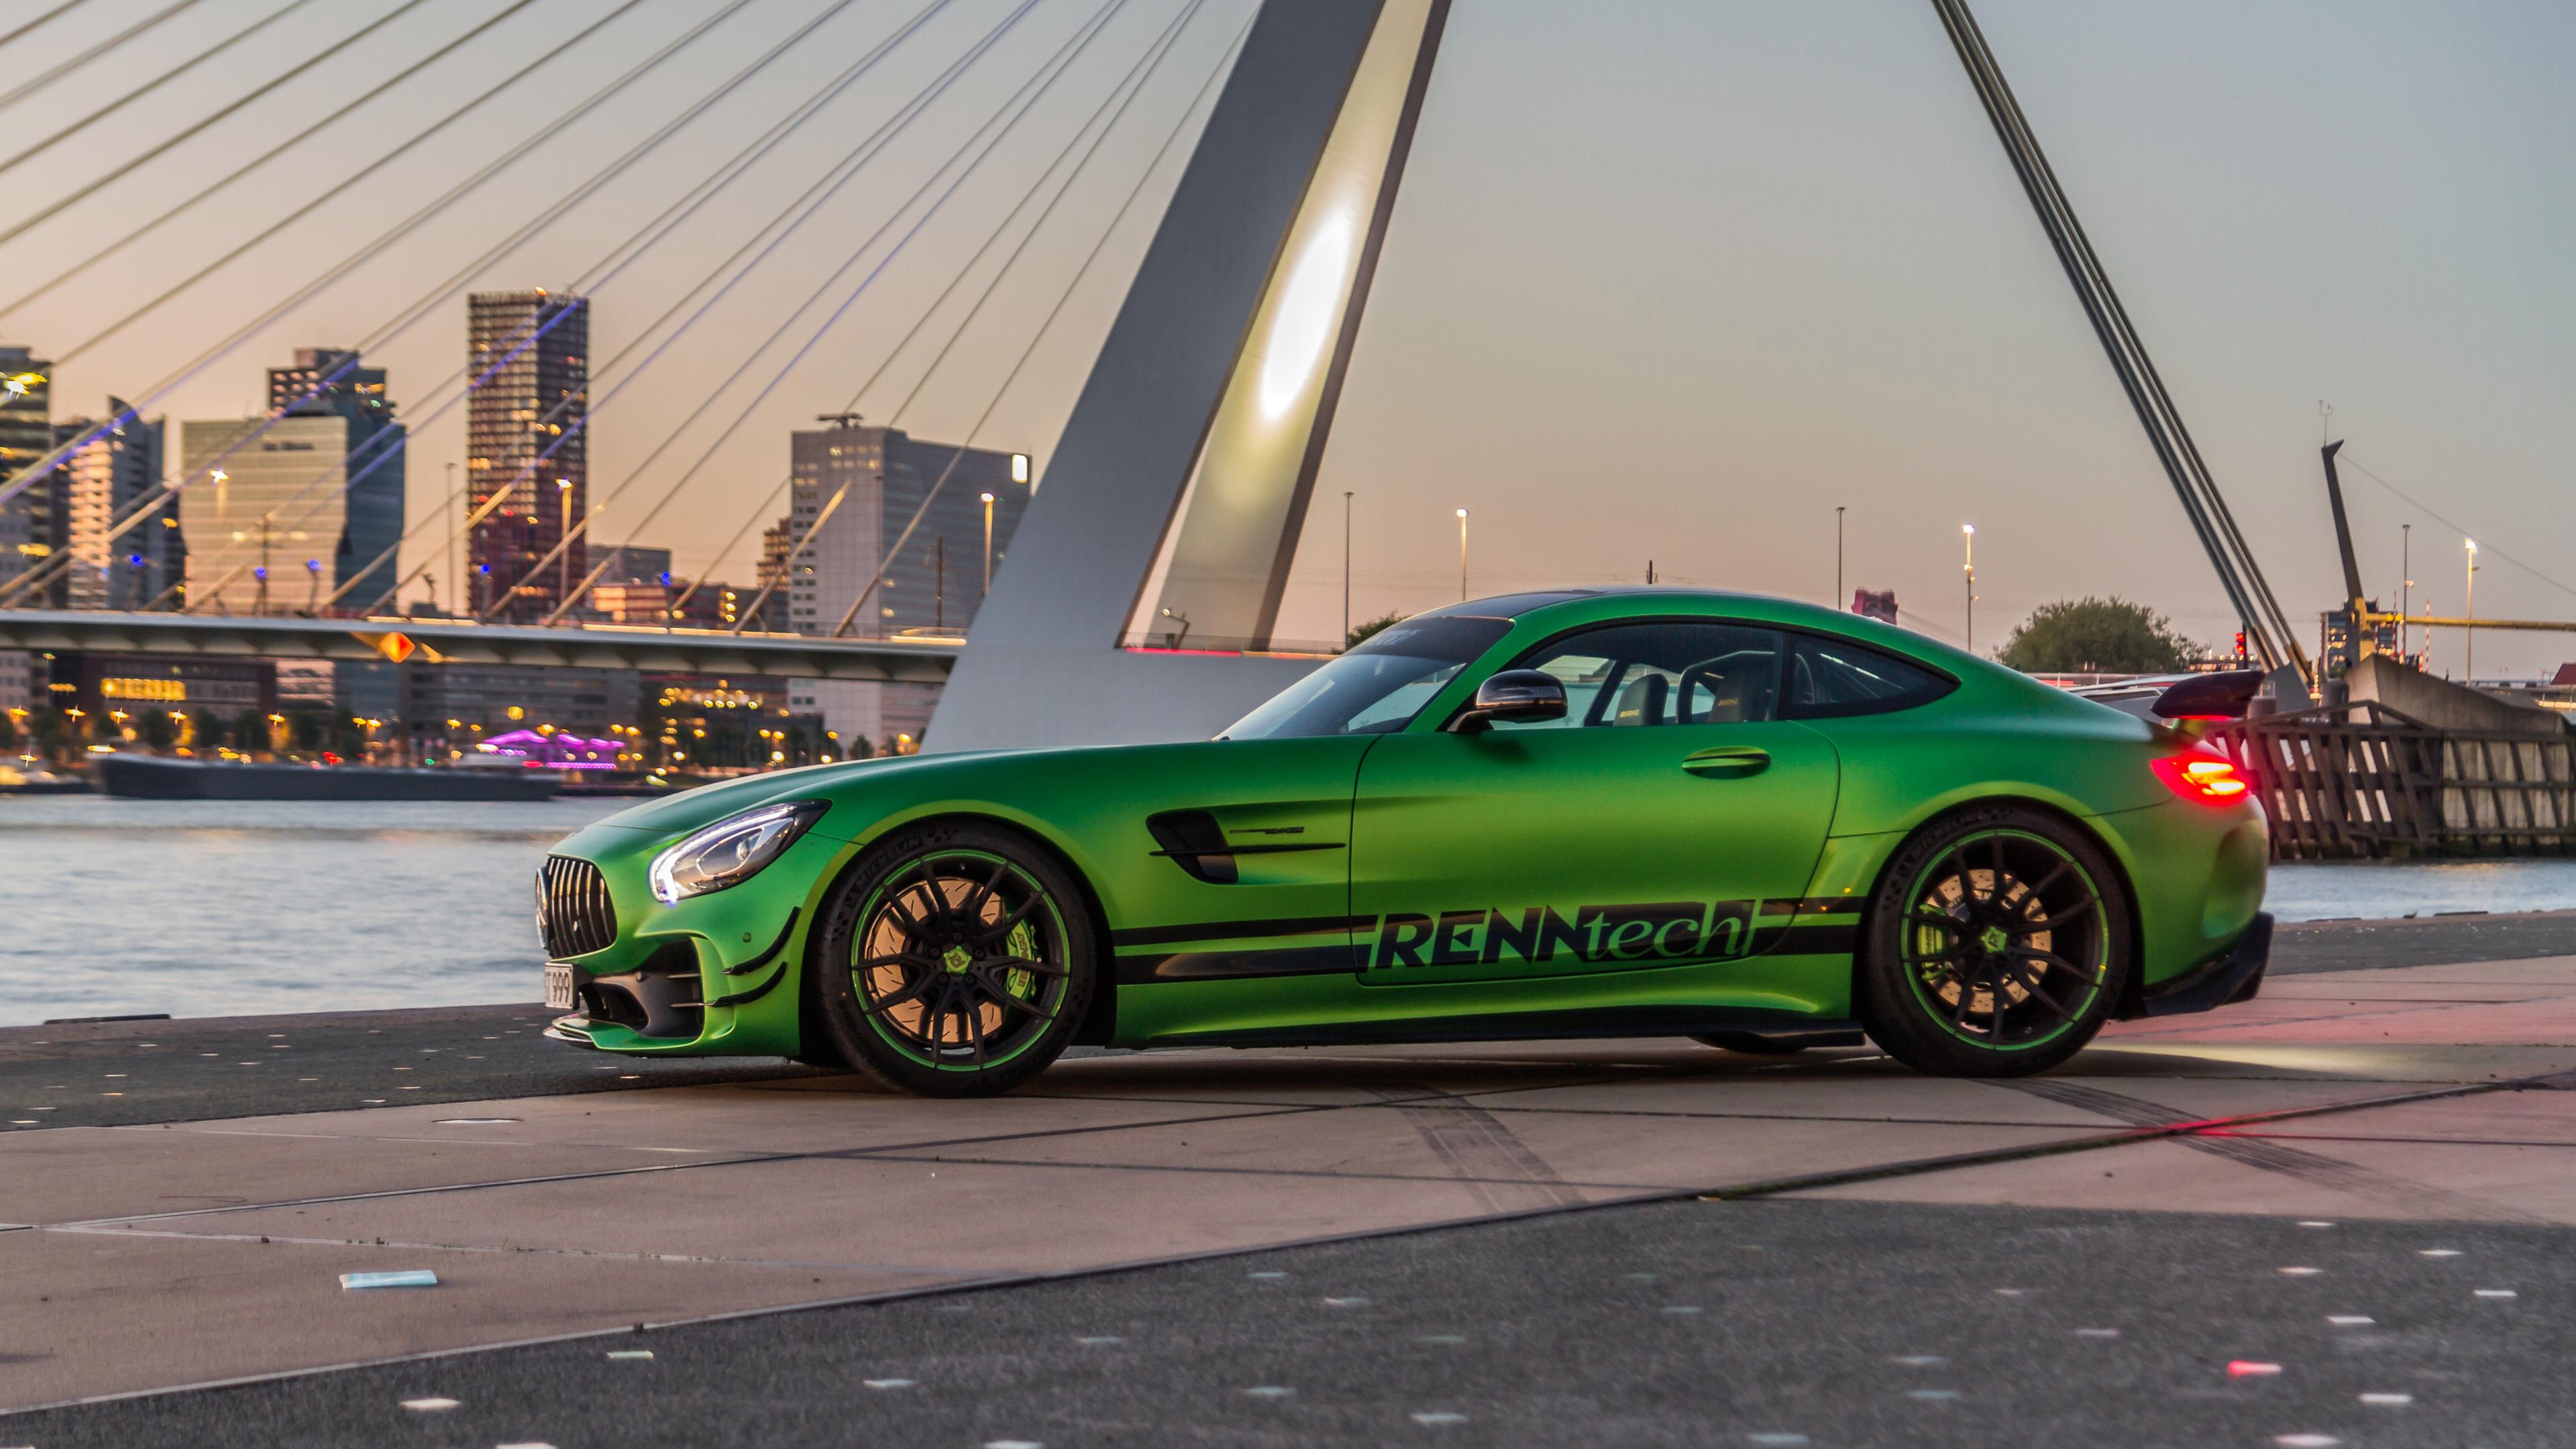 renntech mercedes amg gt r 2018 side view 1539111411 - Renntech Mercedes AMG GT R 2018 Side View - mercedes wallpapers, mercedes amg gt wallpapers, hd-wallpapers, cars wallpapers, 4k-wallpapers, 2018 cars wallpapers